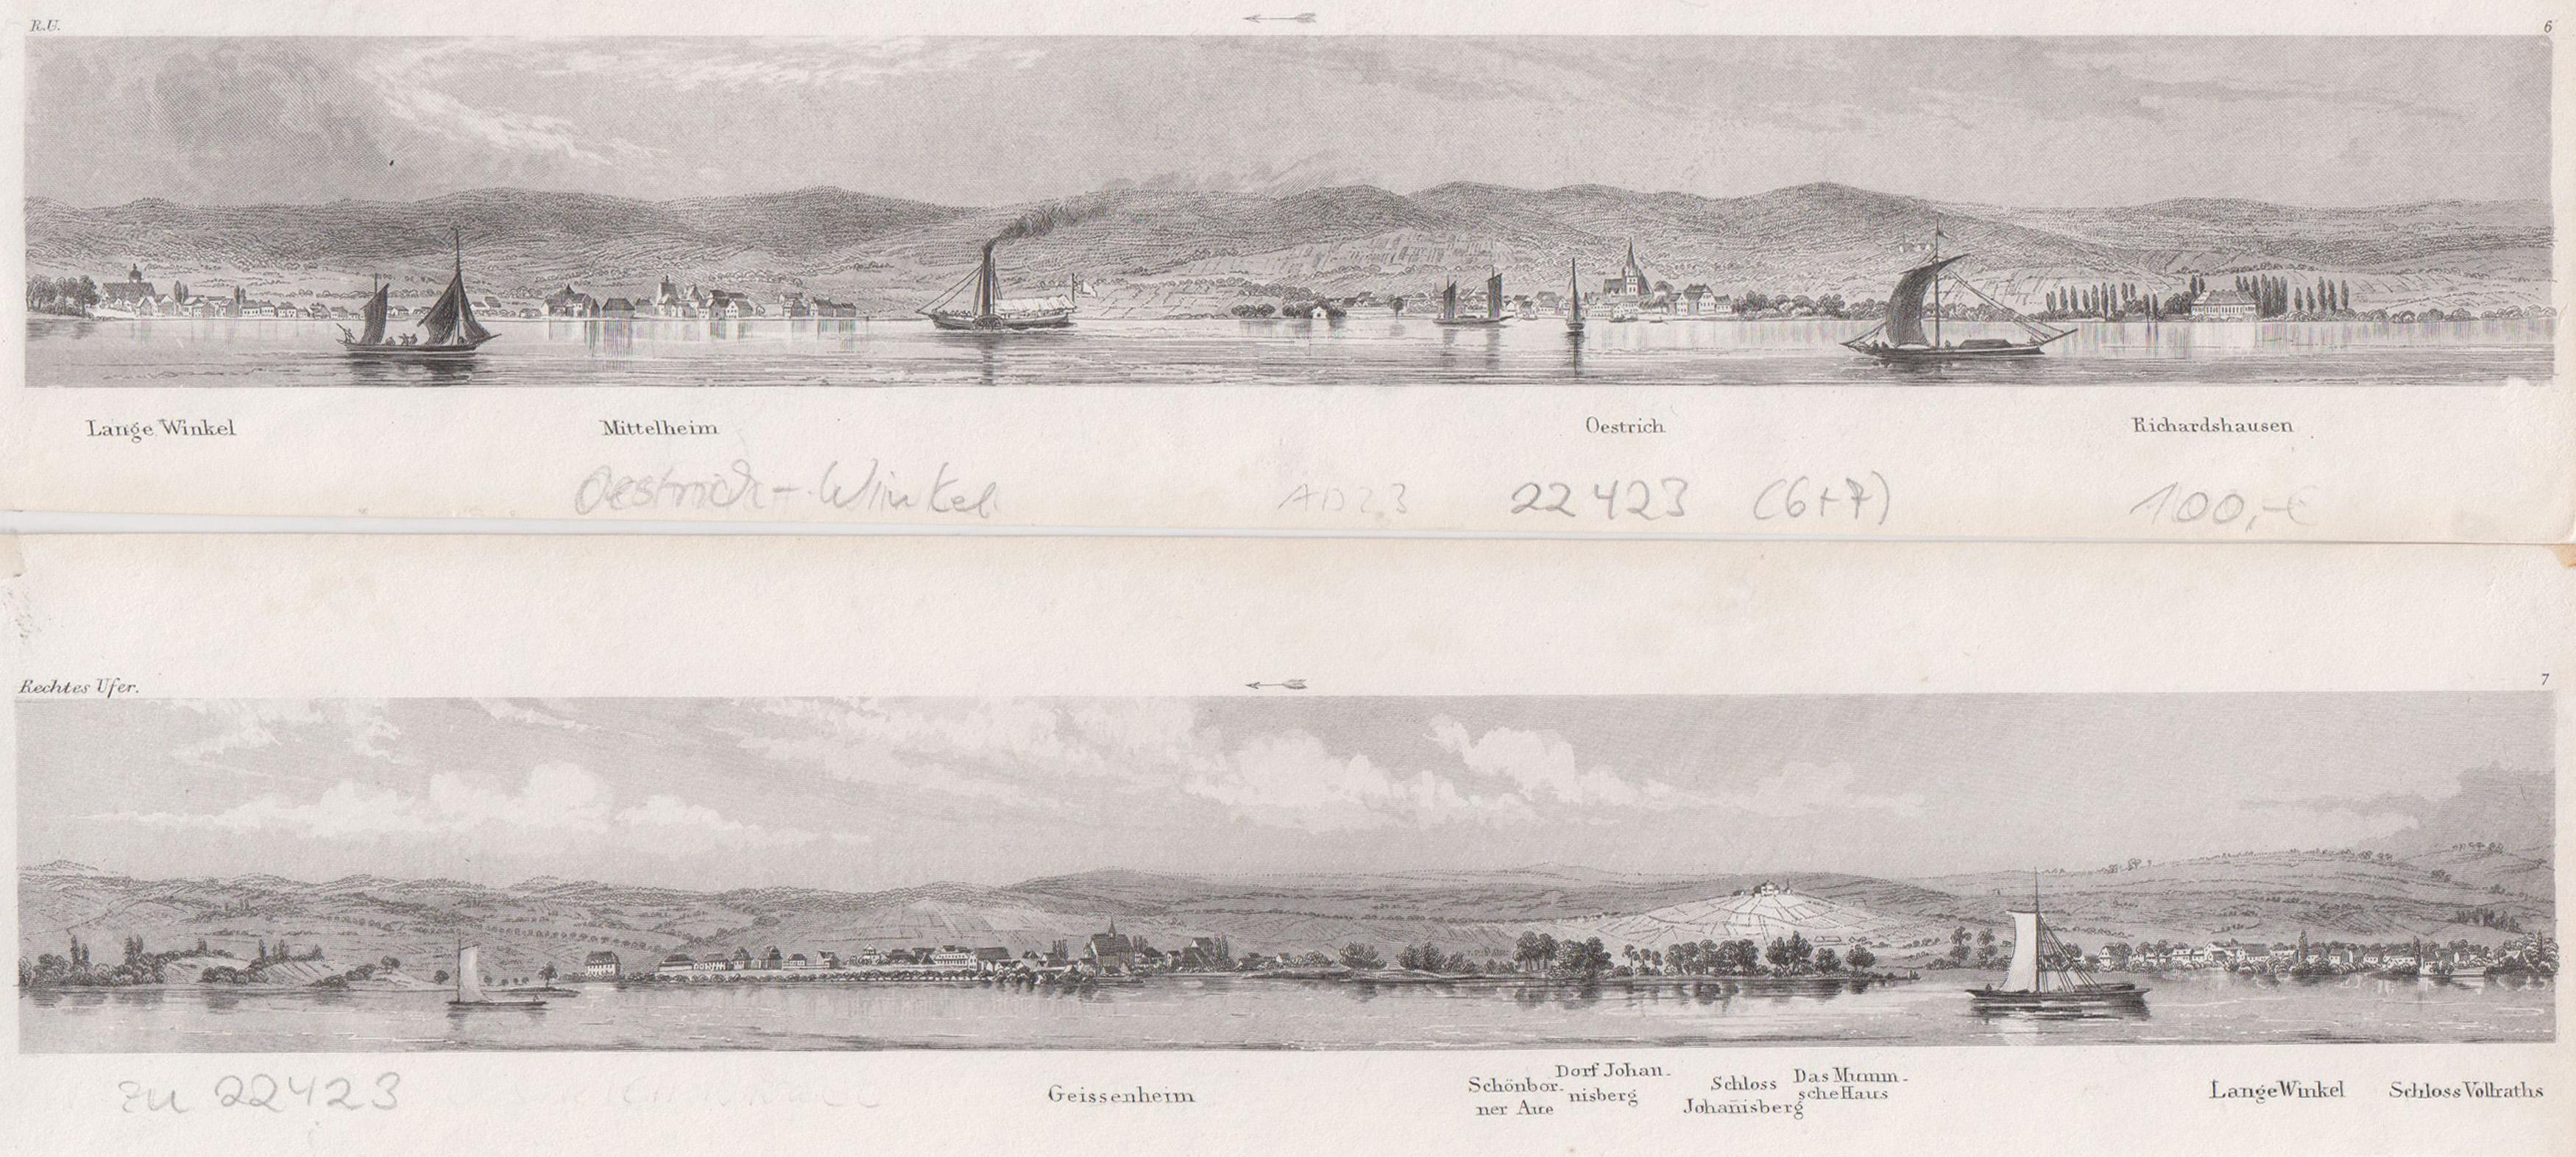 Panoramaansicht v. der Rheinmitte aus.: Oestrich - Winkel